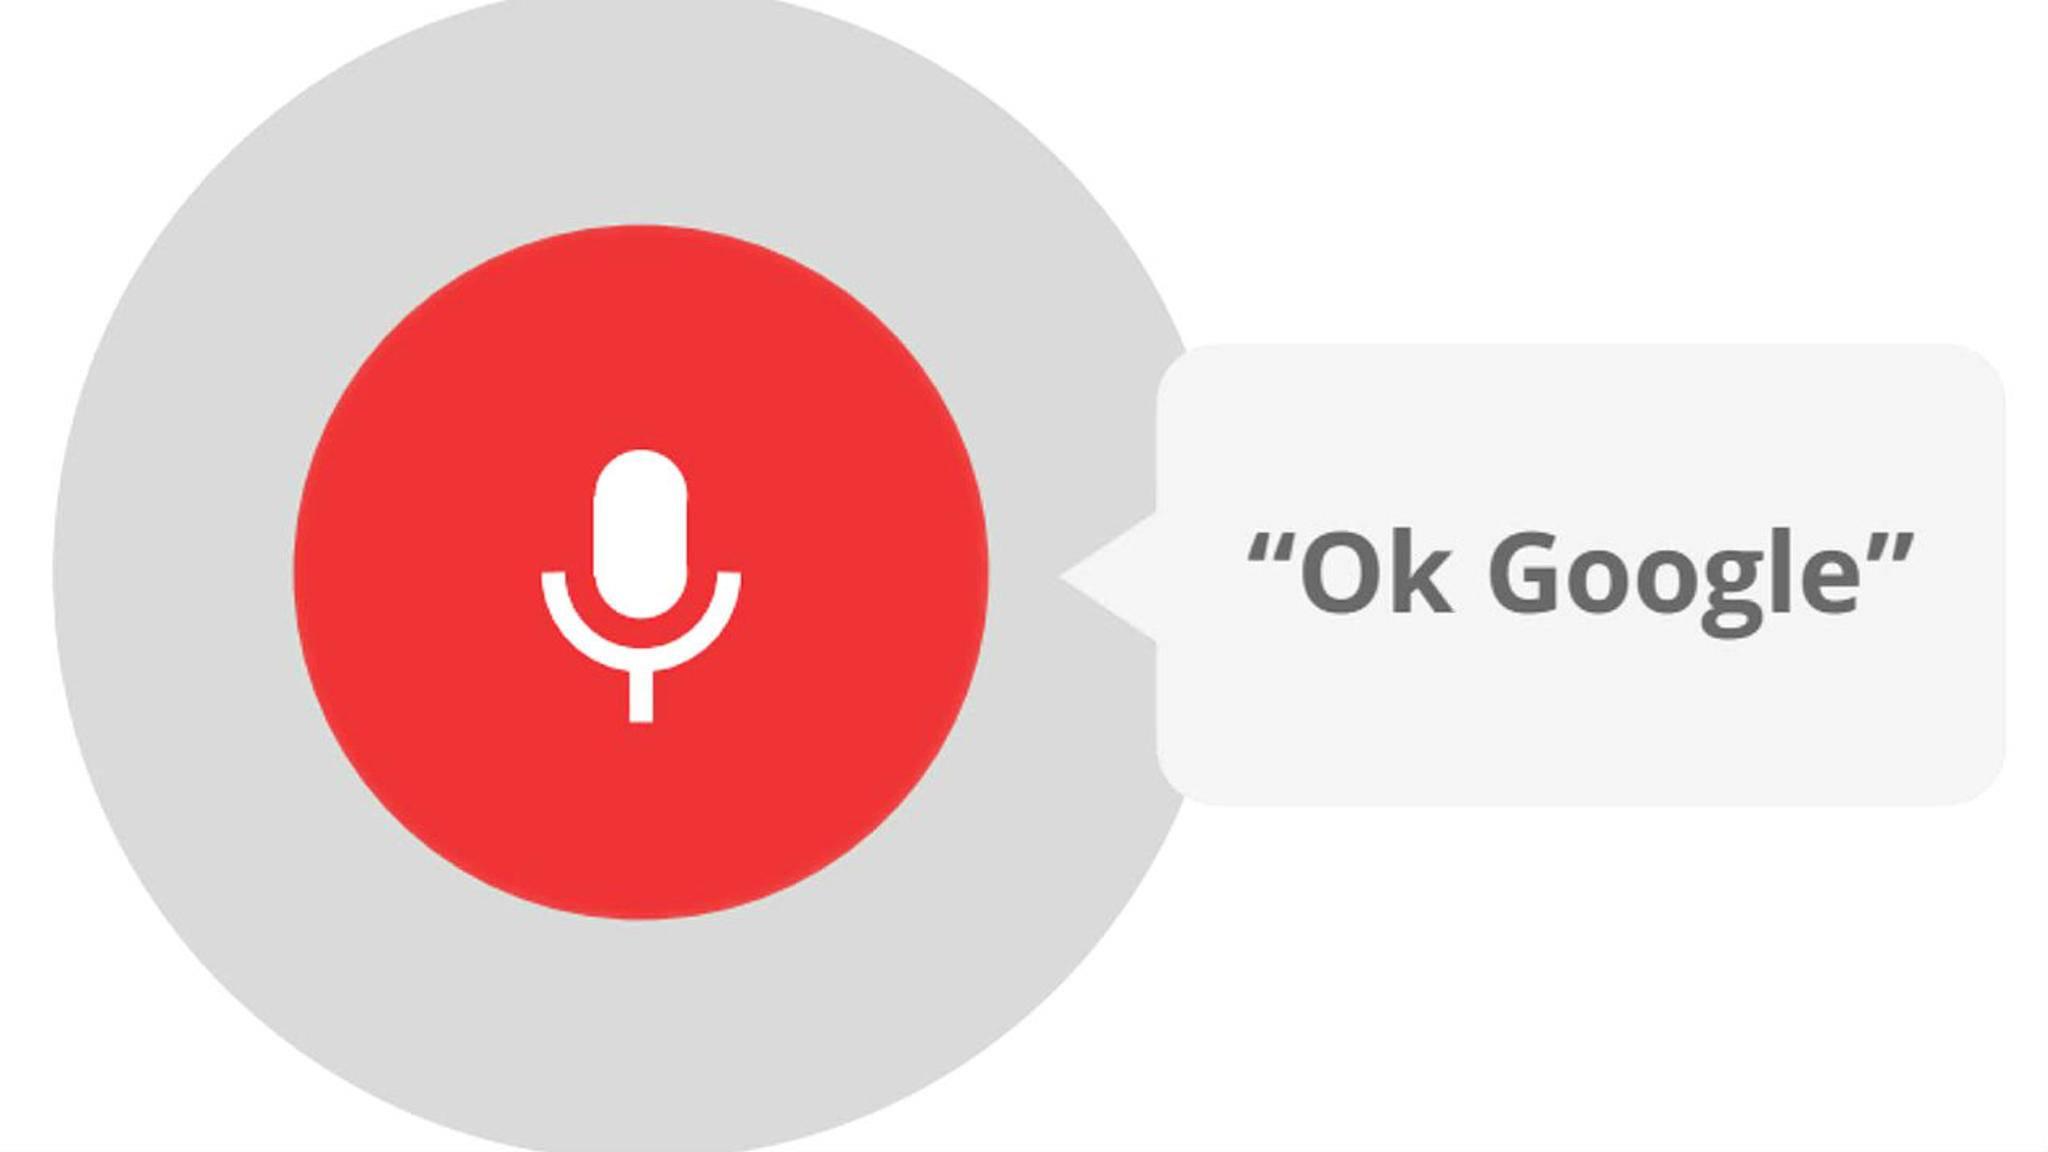 Google speichert Suchanfragen von Nutzern in einem besonderen Archiv.